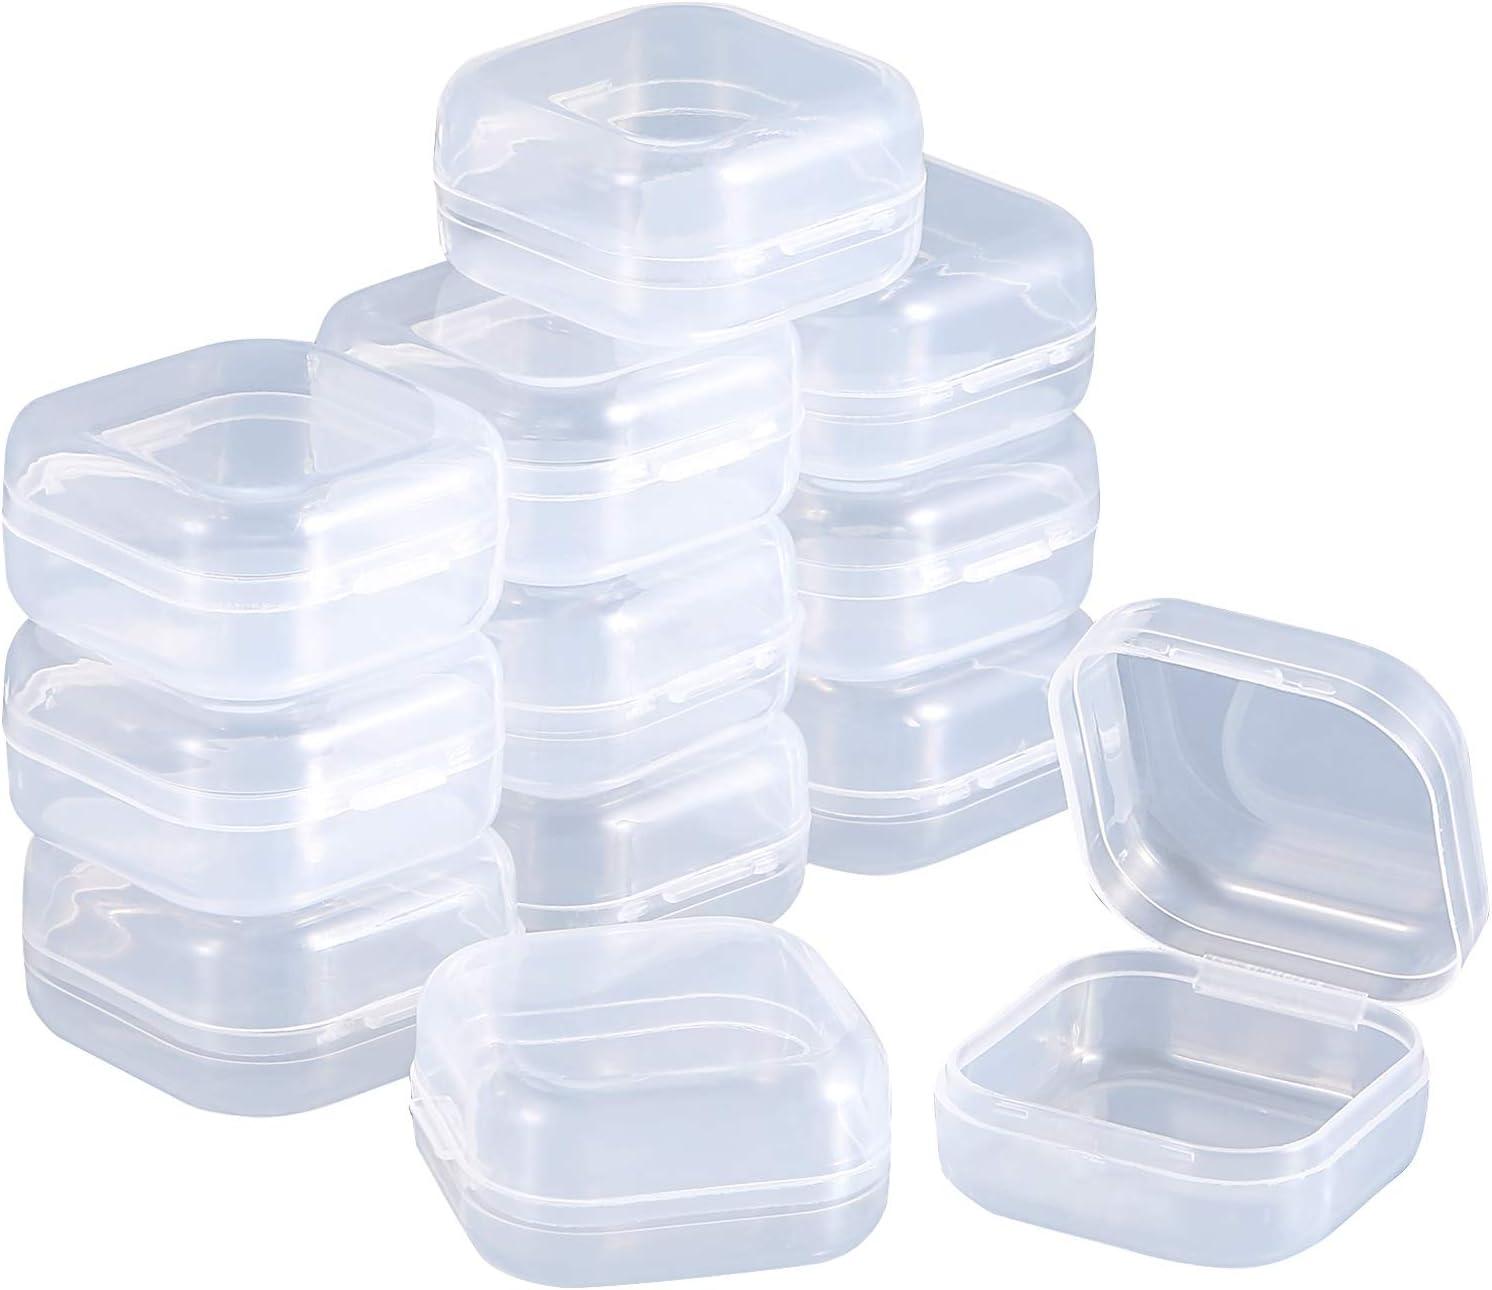 transparent SATINIOR Satior Aufbewahrungsbox f/ür Perlen Kunststoff 1.37 x 1.37 x 0.7 Pouces mit Scharnierdeckel f/ür Perlen und mehr